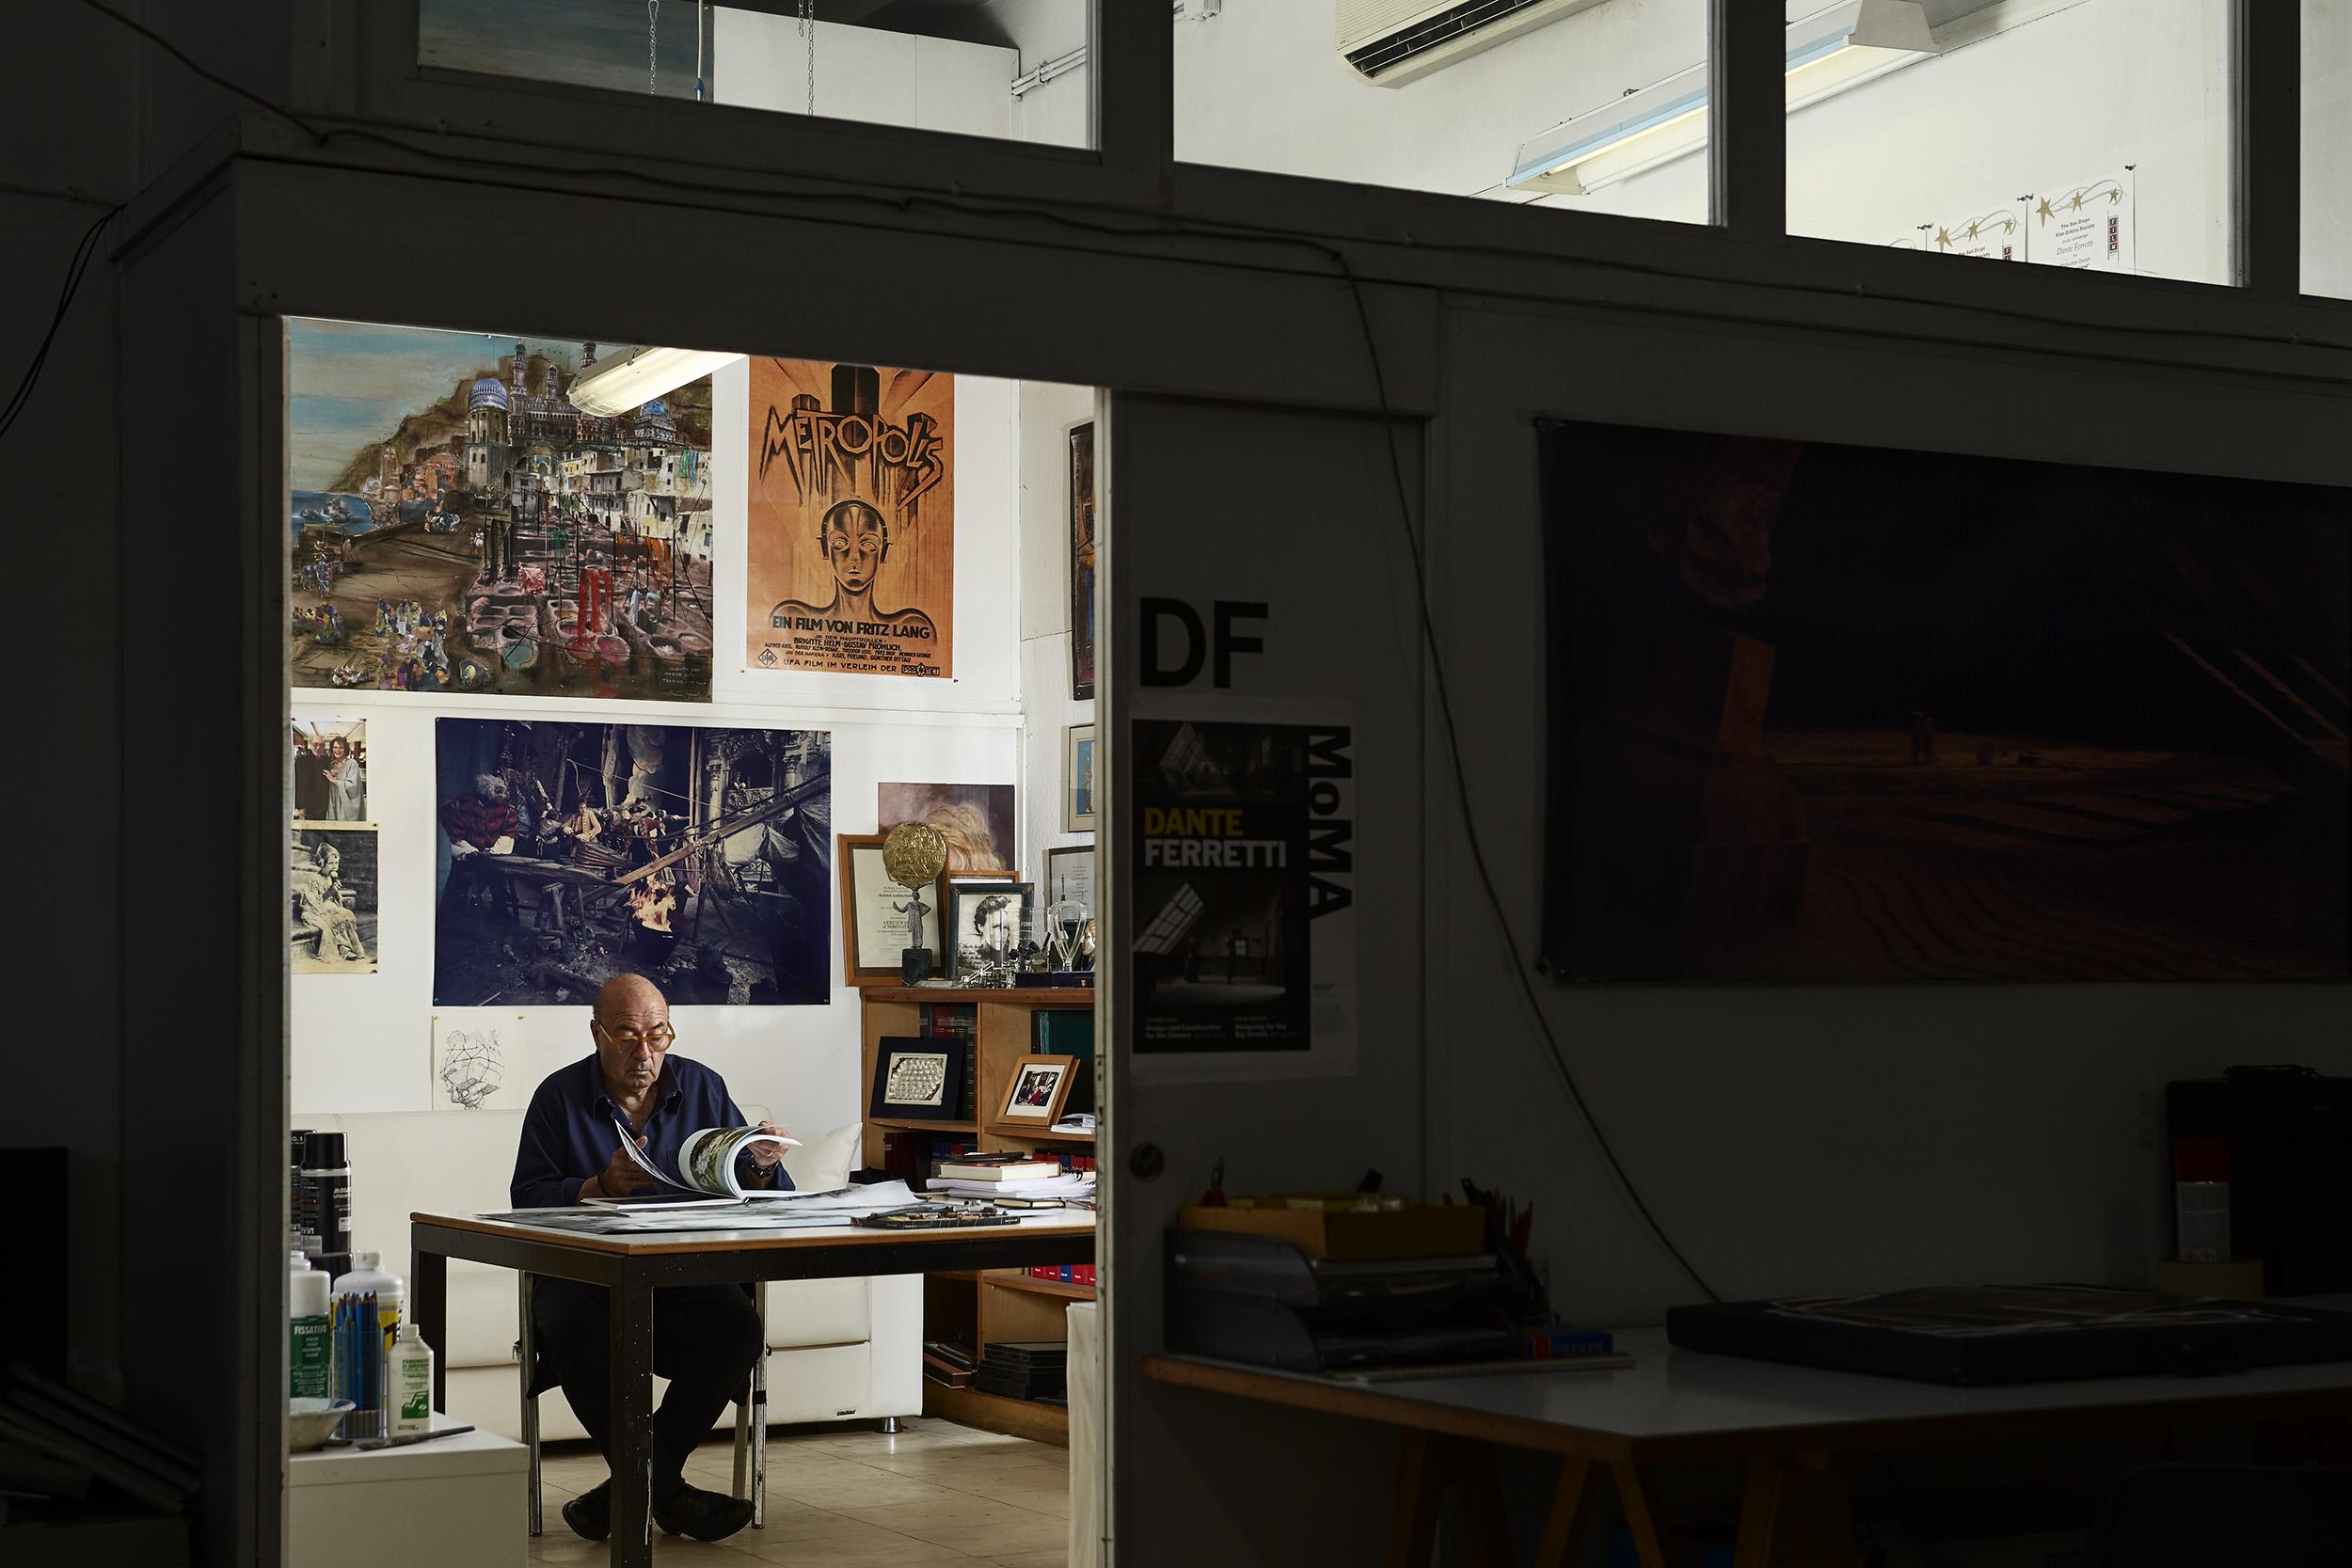 Dante Ferretti in his studio on the lot of Cinecittà Studios, located in Rome. For the New York Times Style Magazine